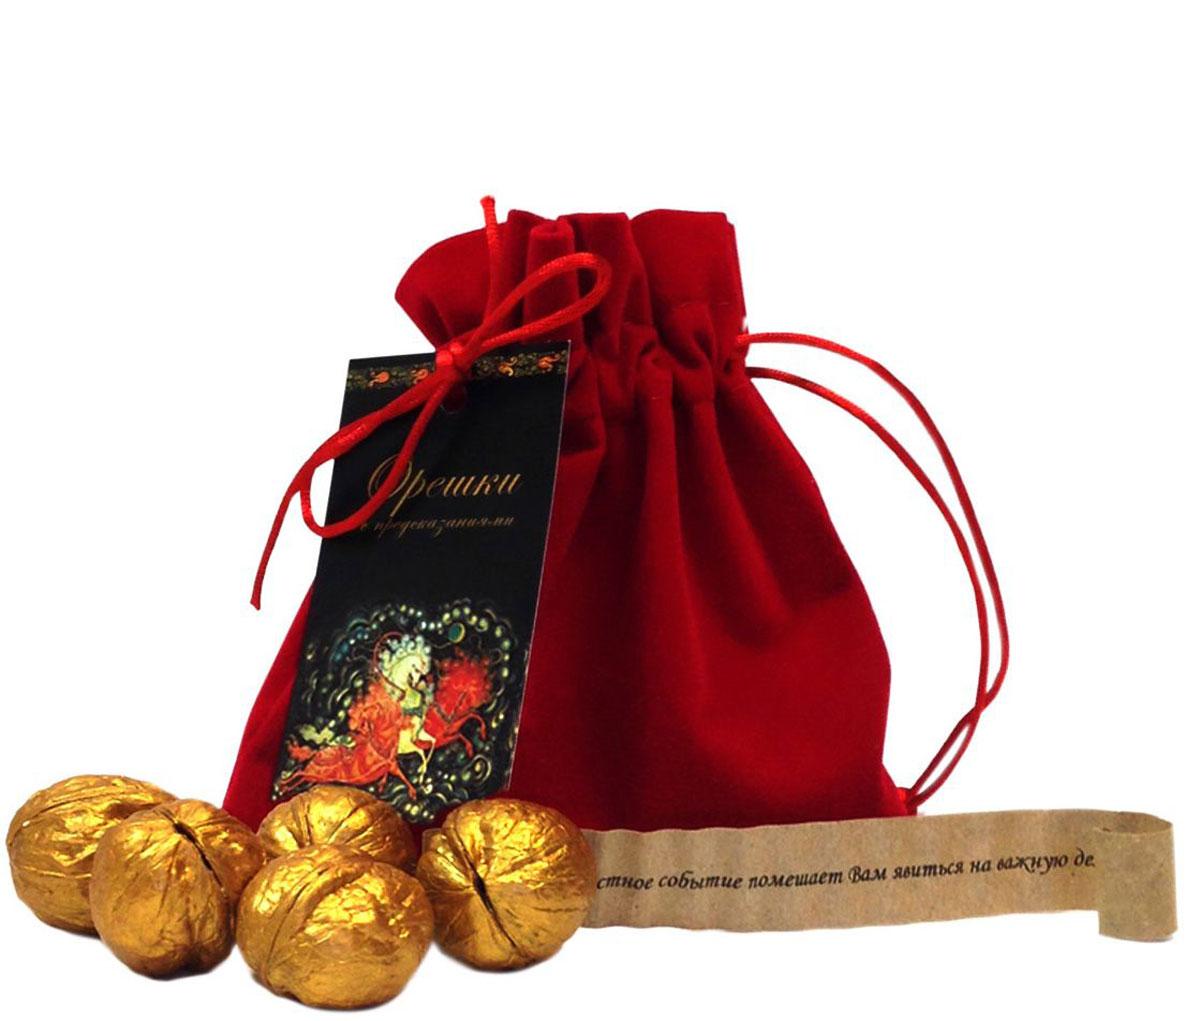 Мешочек подарочный Правила Успеха, с пятью орешками с предсказаниями4610009213460Состав подарка: Золотые Орешки с предсказанием, 5 шт, Бархатный мешочек. Мы нашли и отобрали лучшие грецкие орехи, очистили скорлупу от ореха, положили туда записку с пожеланием и покрасили орех золотой краской.